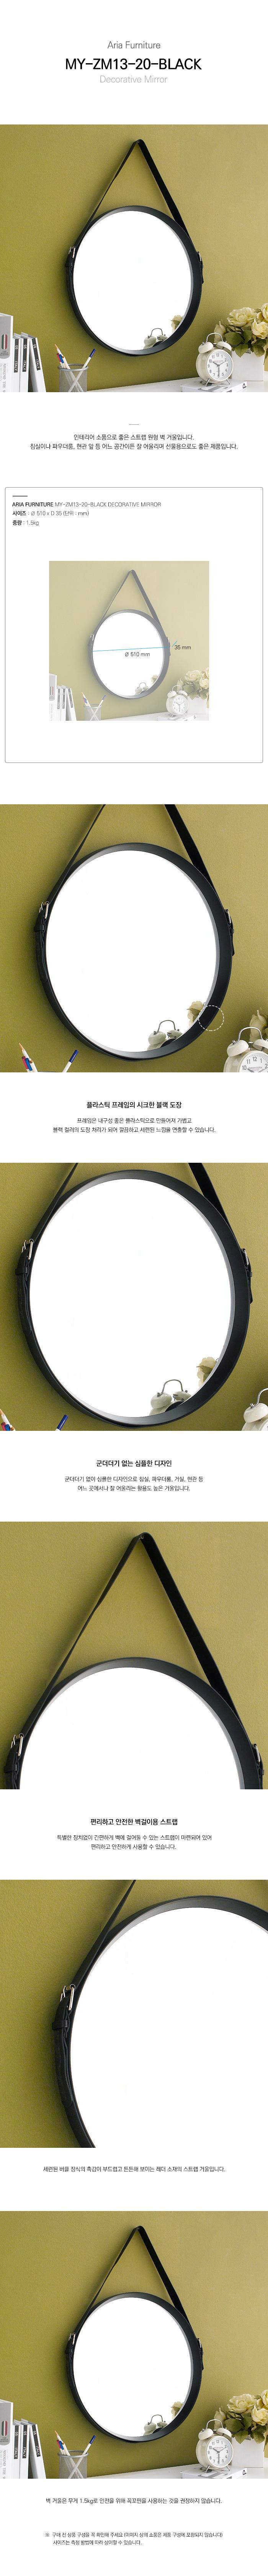 8_11_MY-ZM13-20_Wall_Mirror.jpg